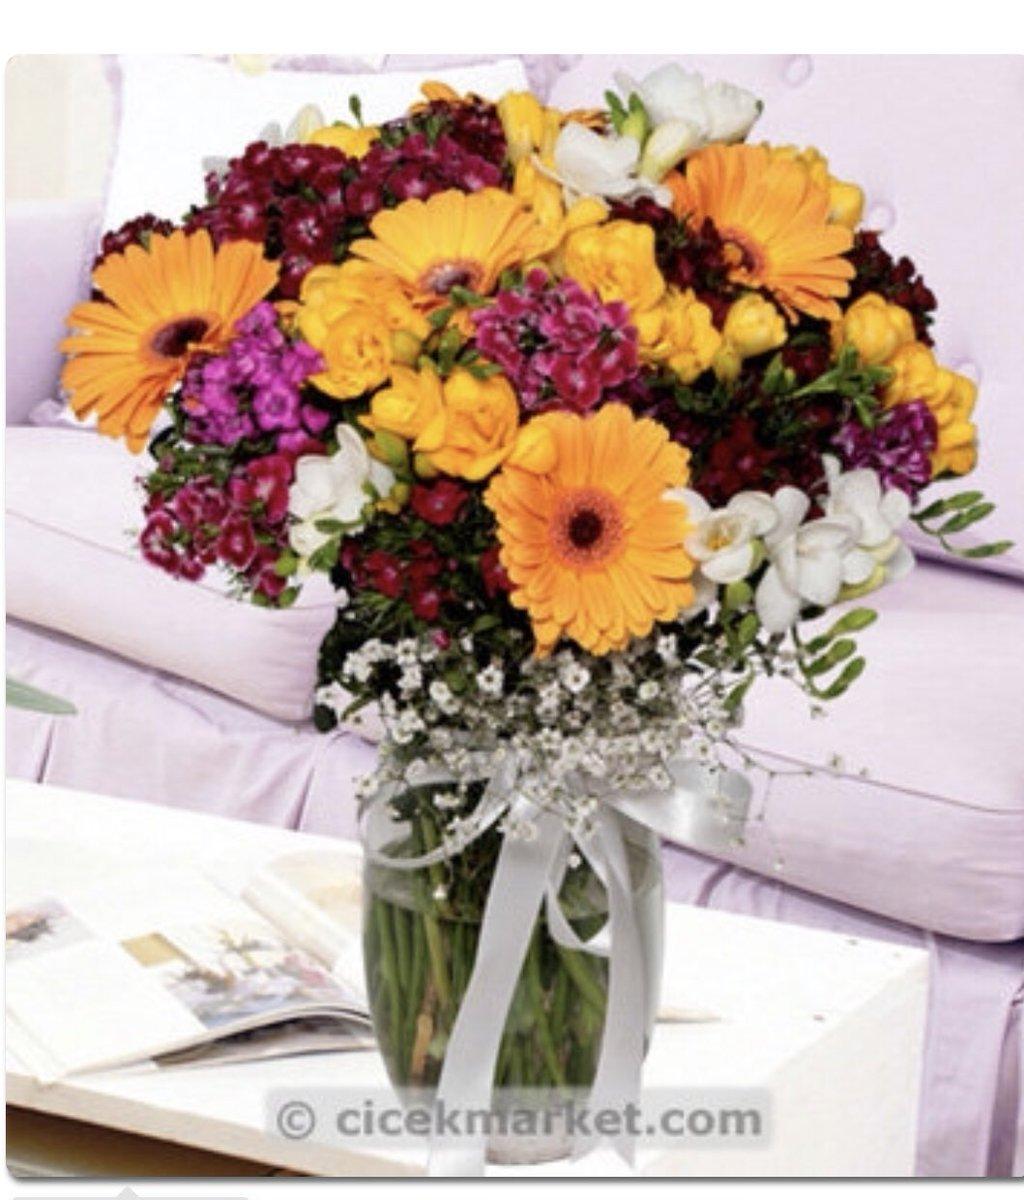 çiçek Market On Twitter Merhaba Elif Hanim Destek At Cicekmarketcom